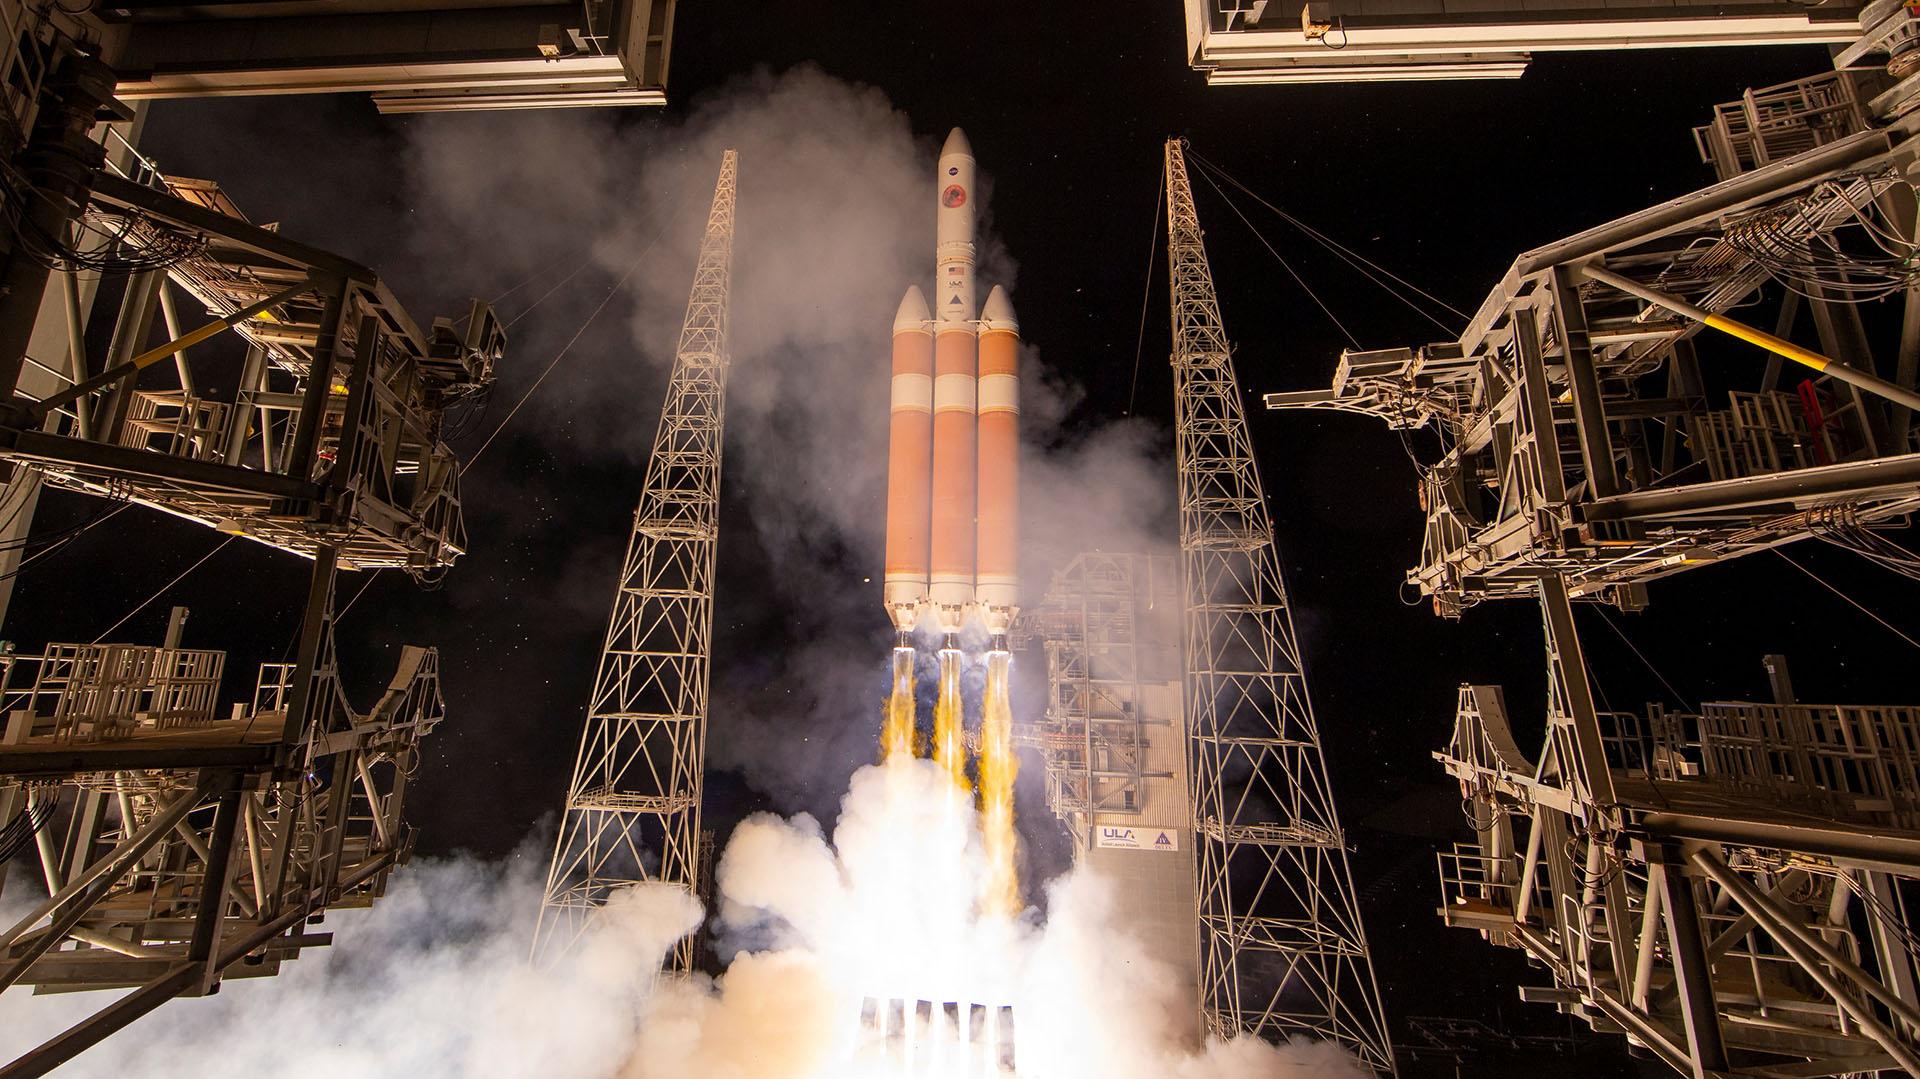 La sonda, nombrada así por el astrofísico solar estadounidense Eugene Newman Parker, tendrá que sobrevivir condiciones difíciles de calor y radiación